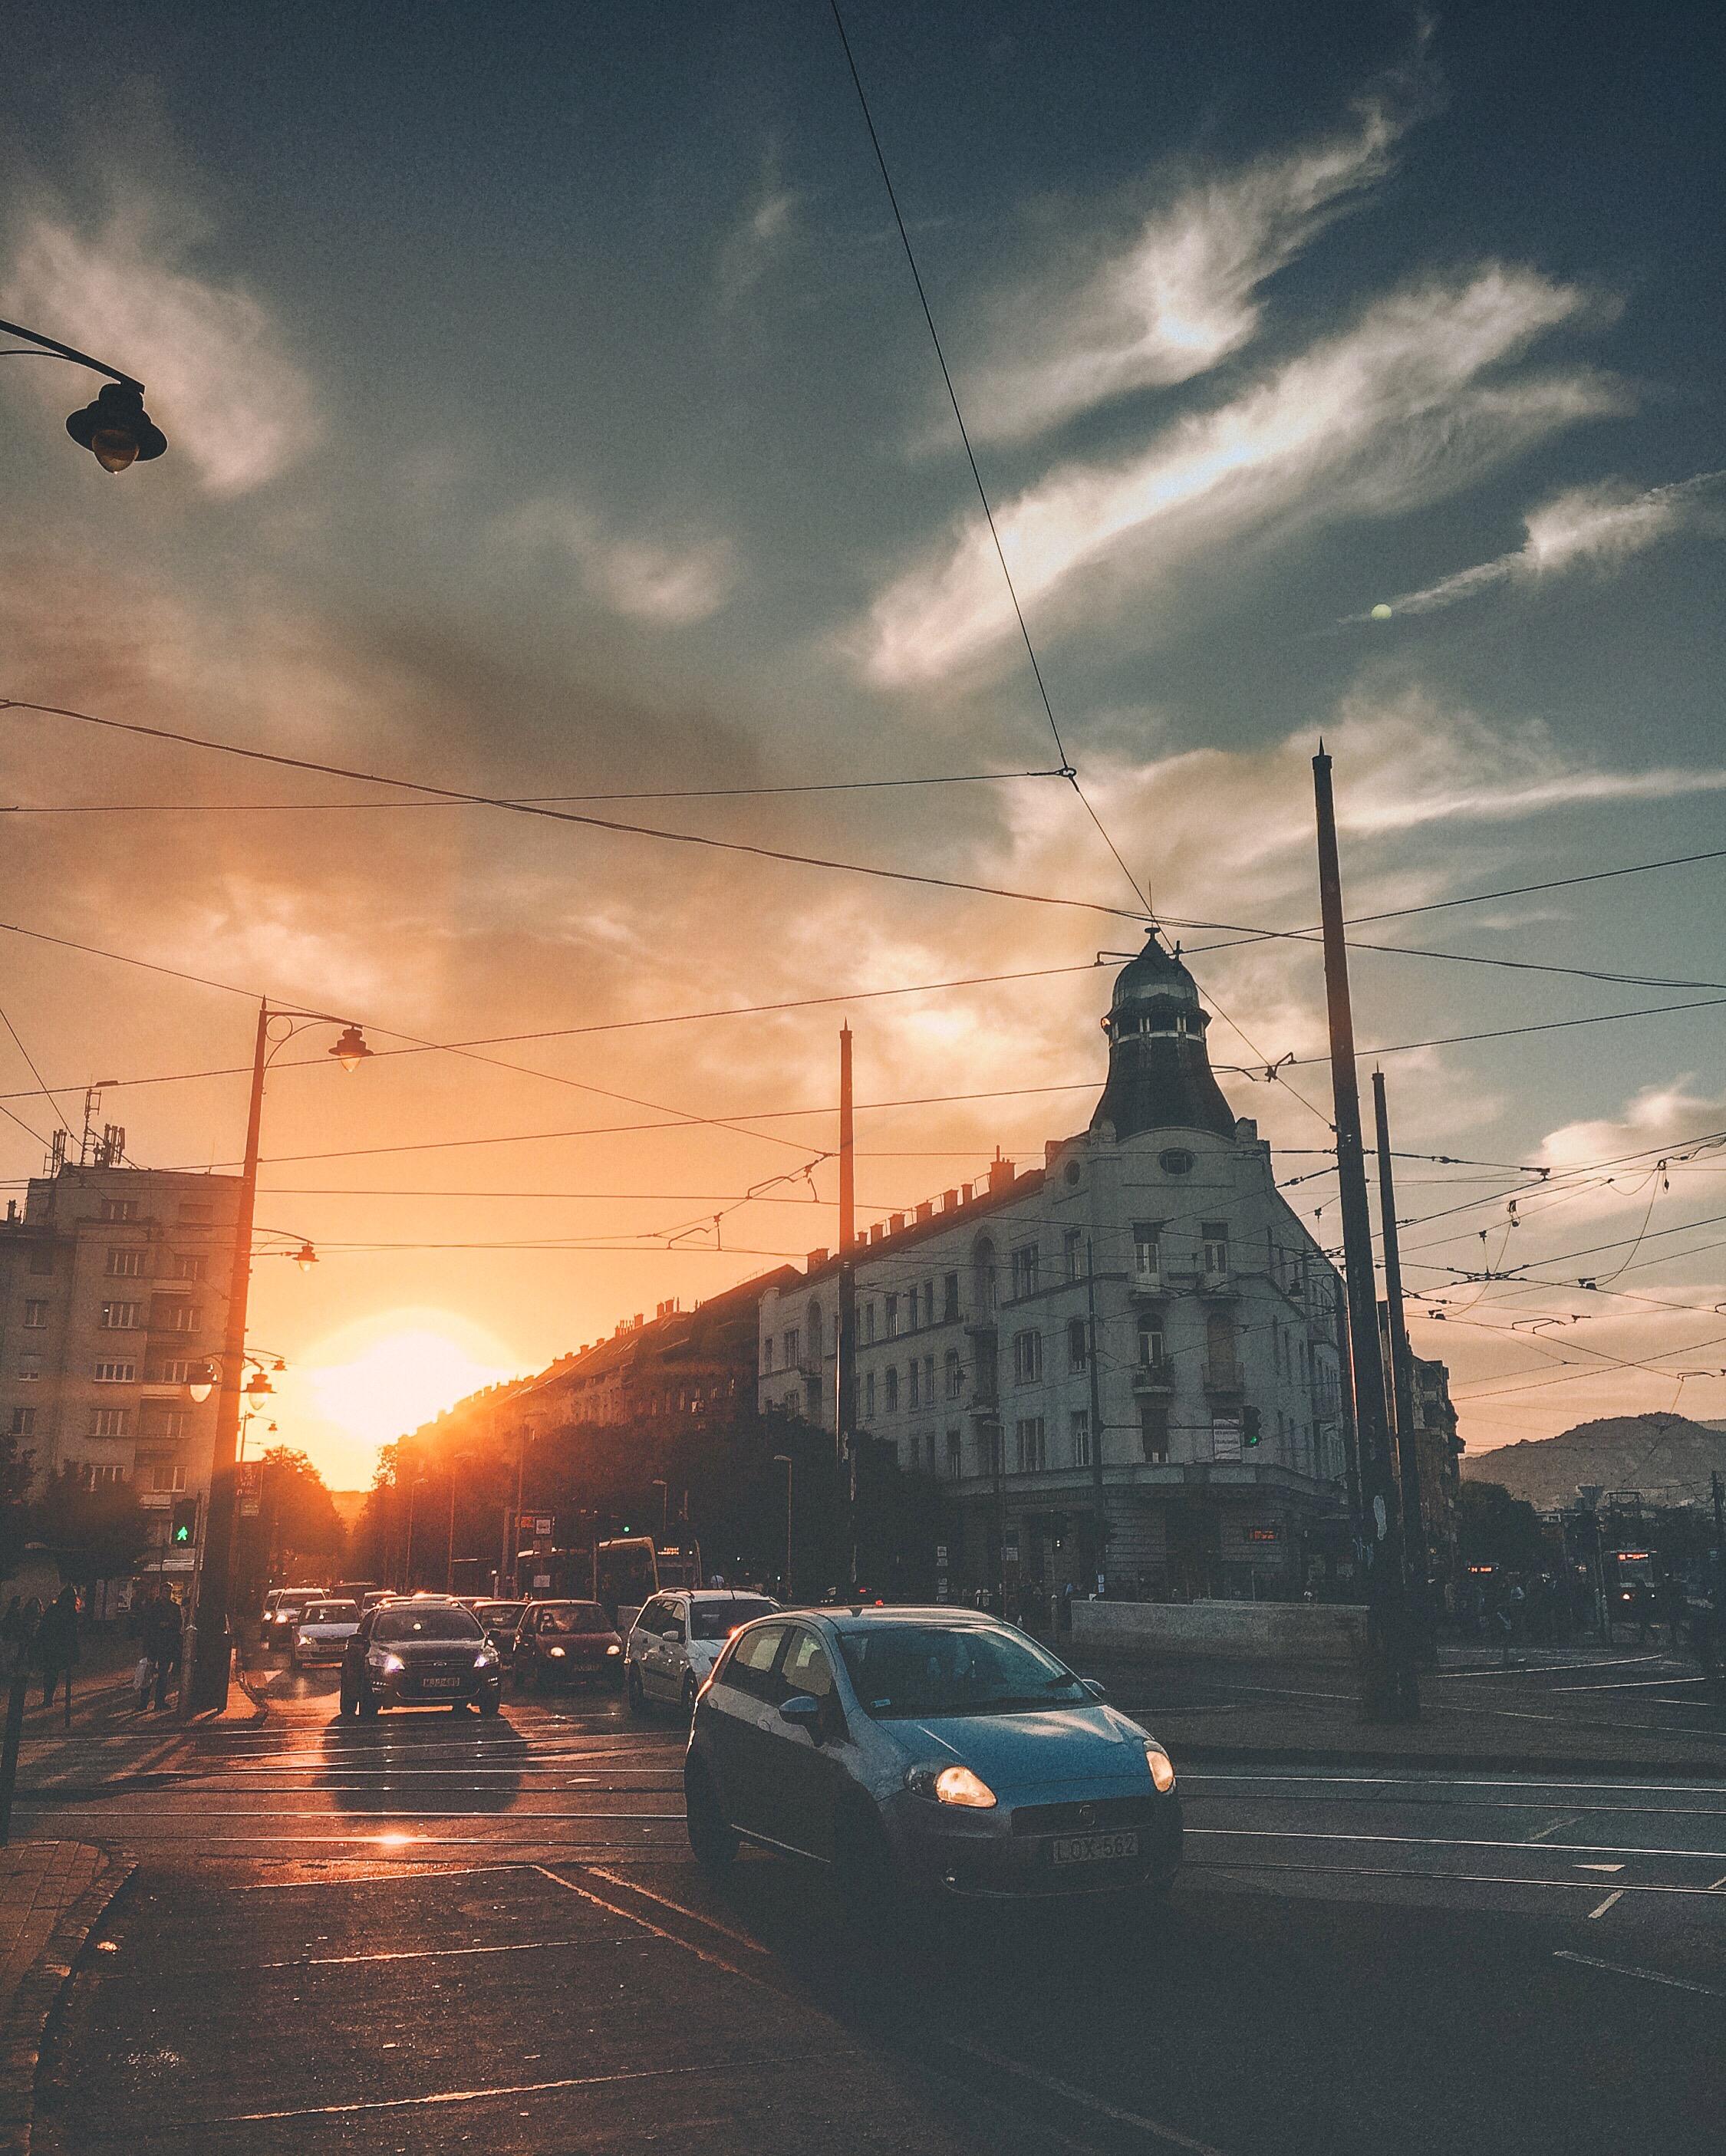 Móricz Gold: Nyár végén csodásak az arany órák, így szintén munka után, hazafelé menet a Móriczon lőttem ezt a kis hangulatos képet.